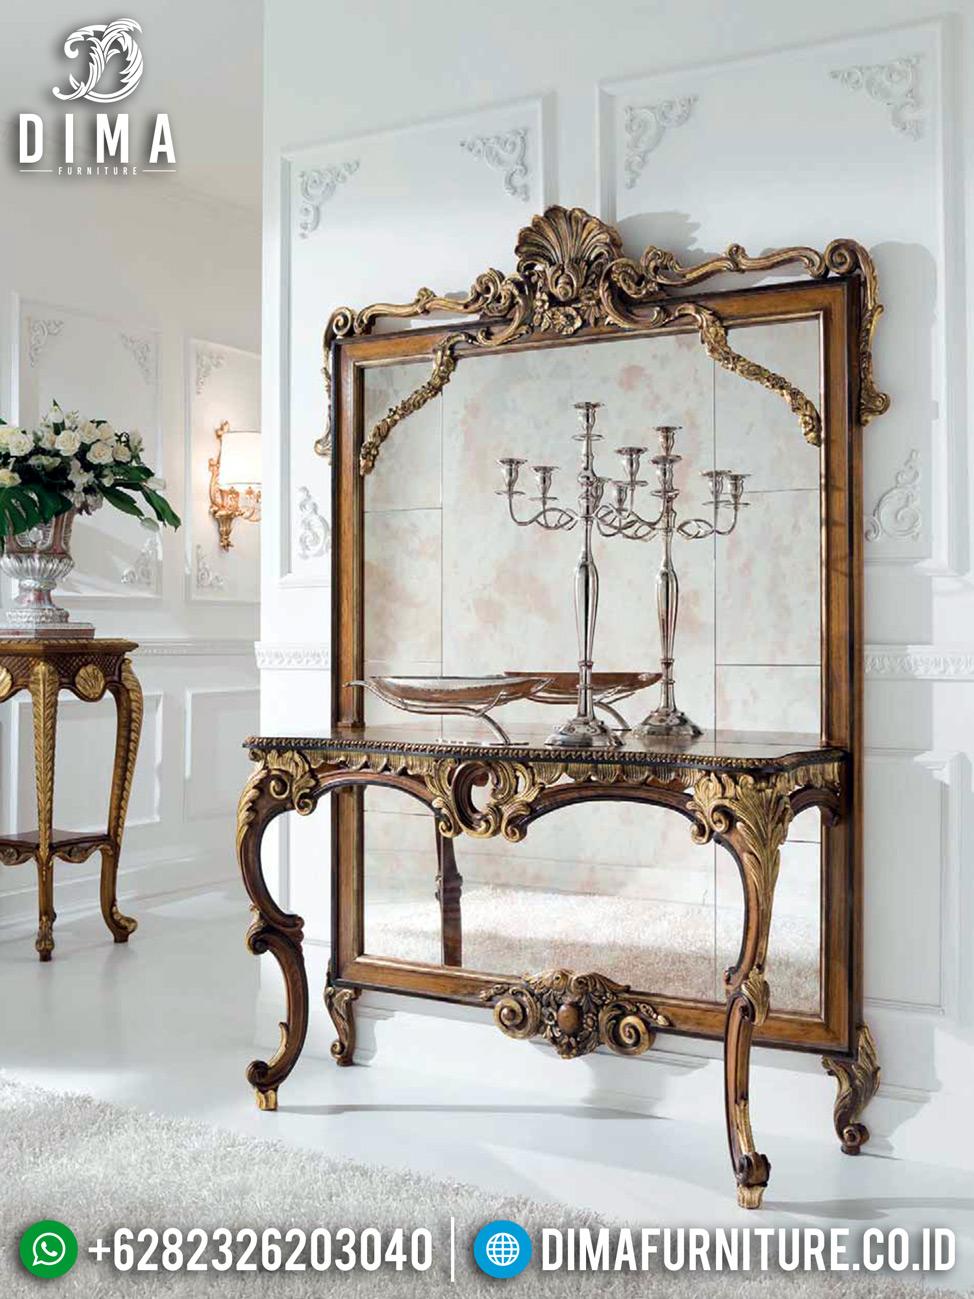 New Luxury Design Meja Konsol Mewah Jepara Natural Emas DF-1345